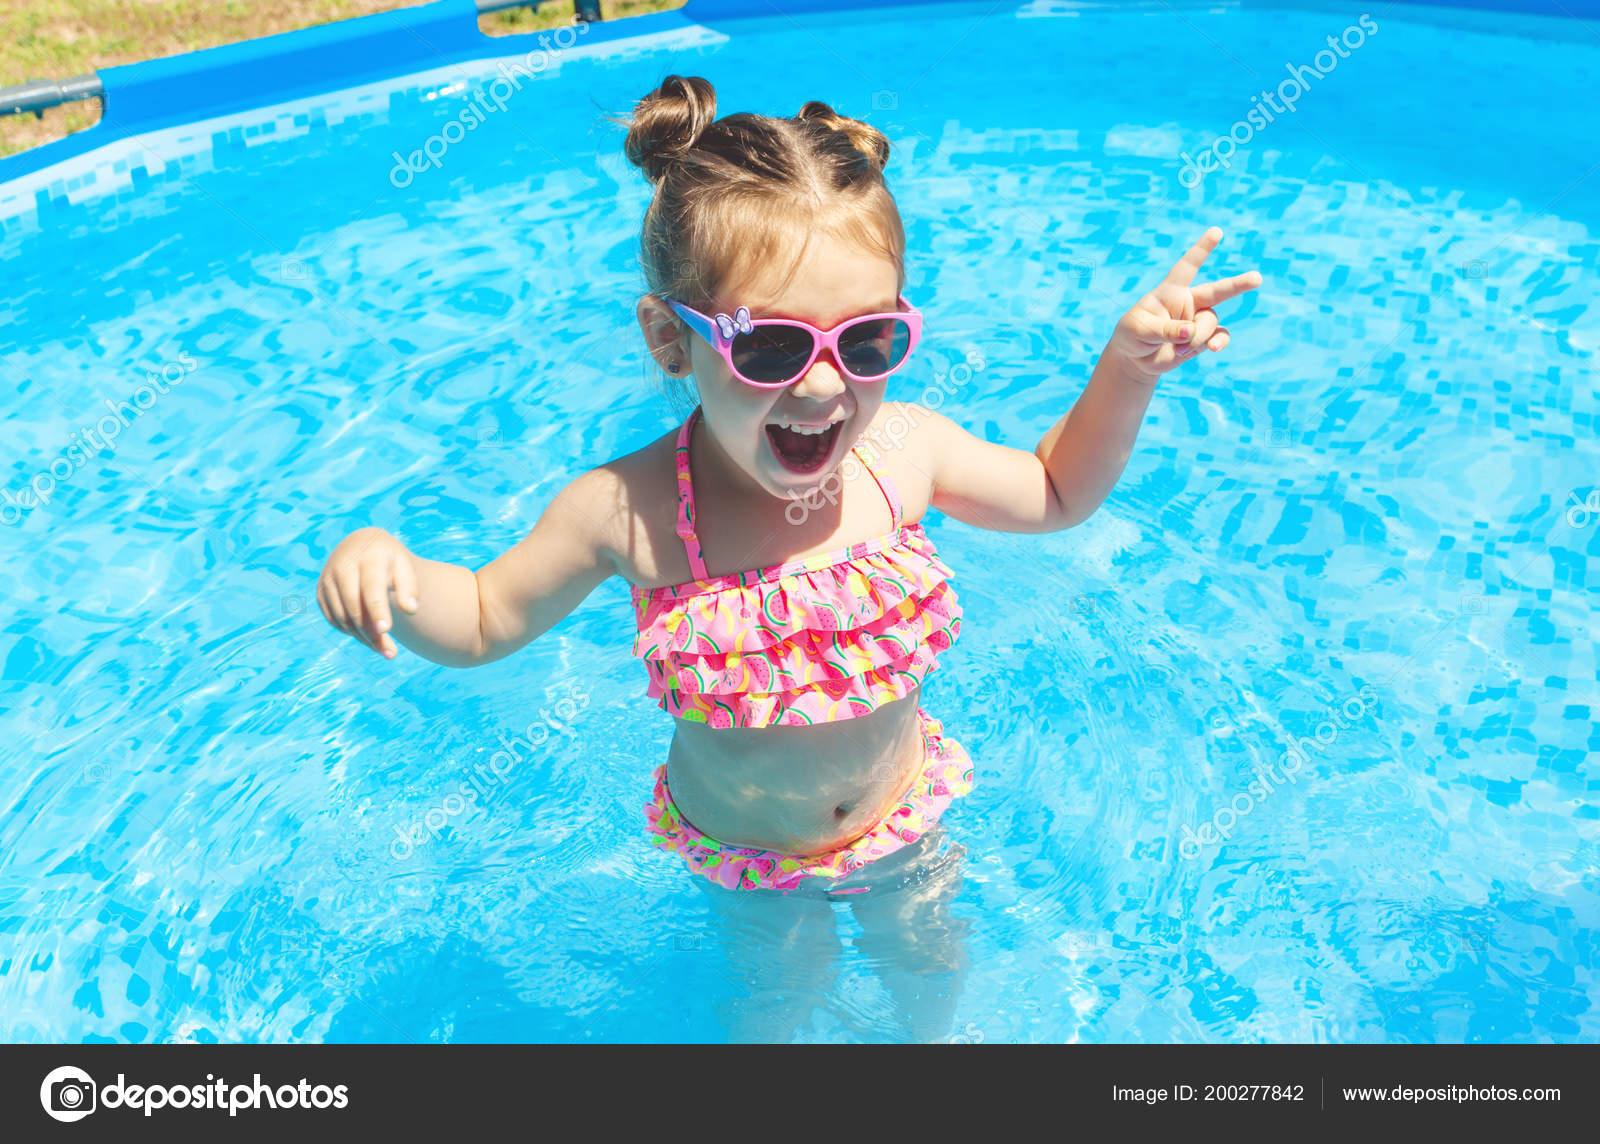 a95a7e33c5623 Nette und lustige kleine Mädchen im Schwimmbad, Schwimmen im Pool schwimmen  Ring, Brille Sonne und Spaß. Sommer-Lifestyle-Konzept — Foto von paninastock